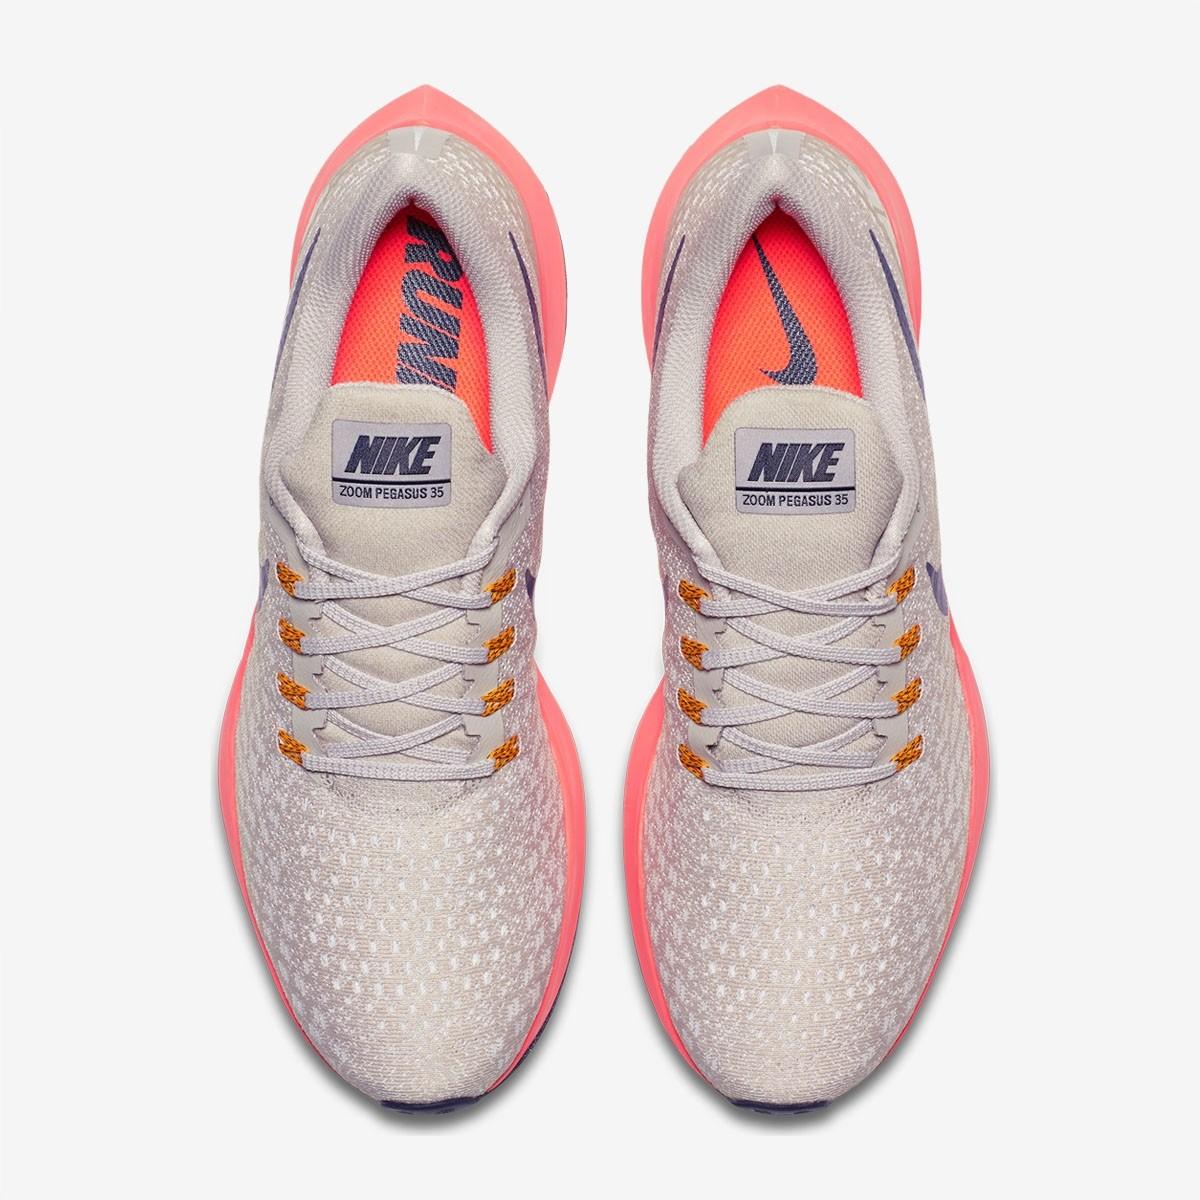 Nike Air Zoom Pegasus 35 GS 'Cream' 942851-200JR